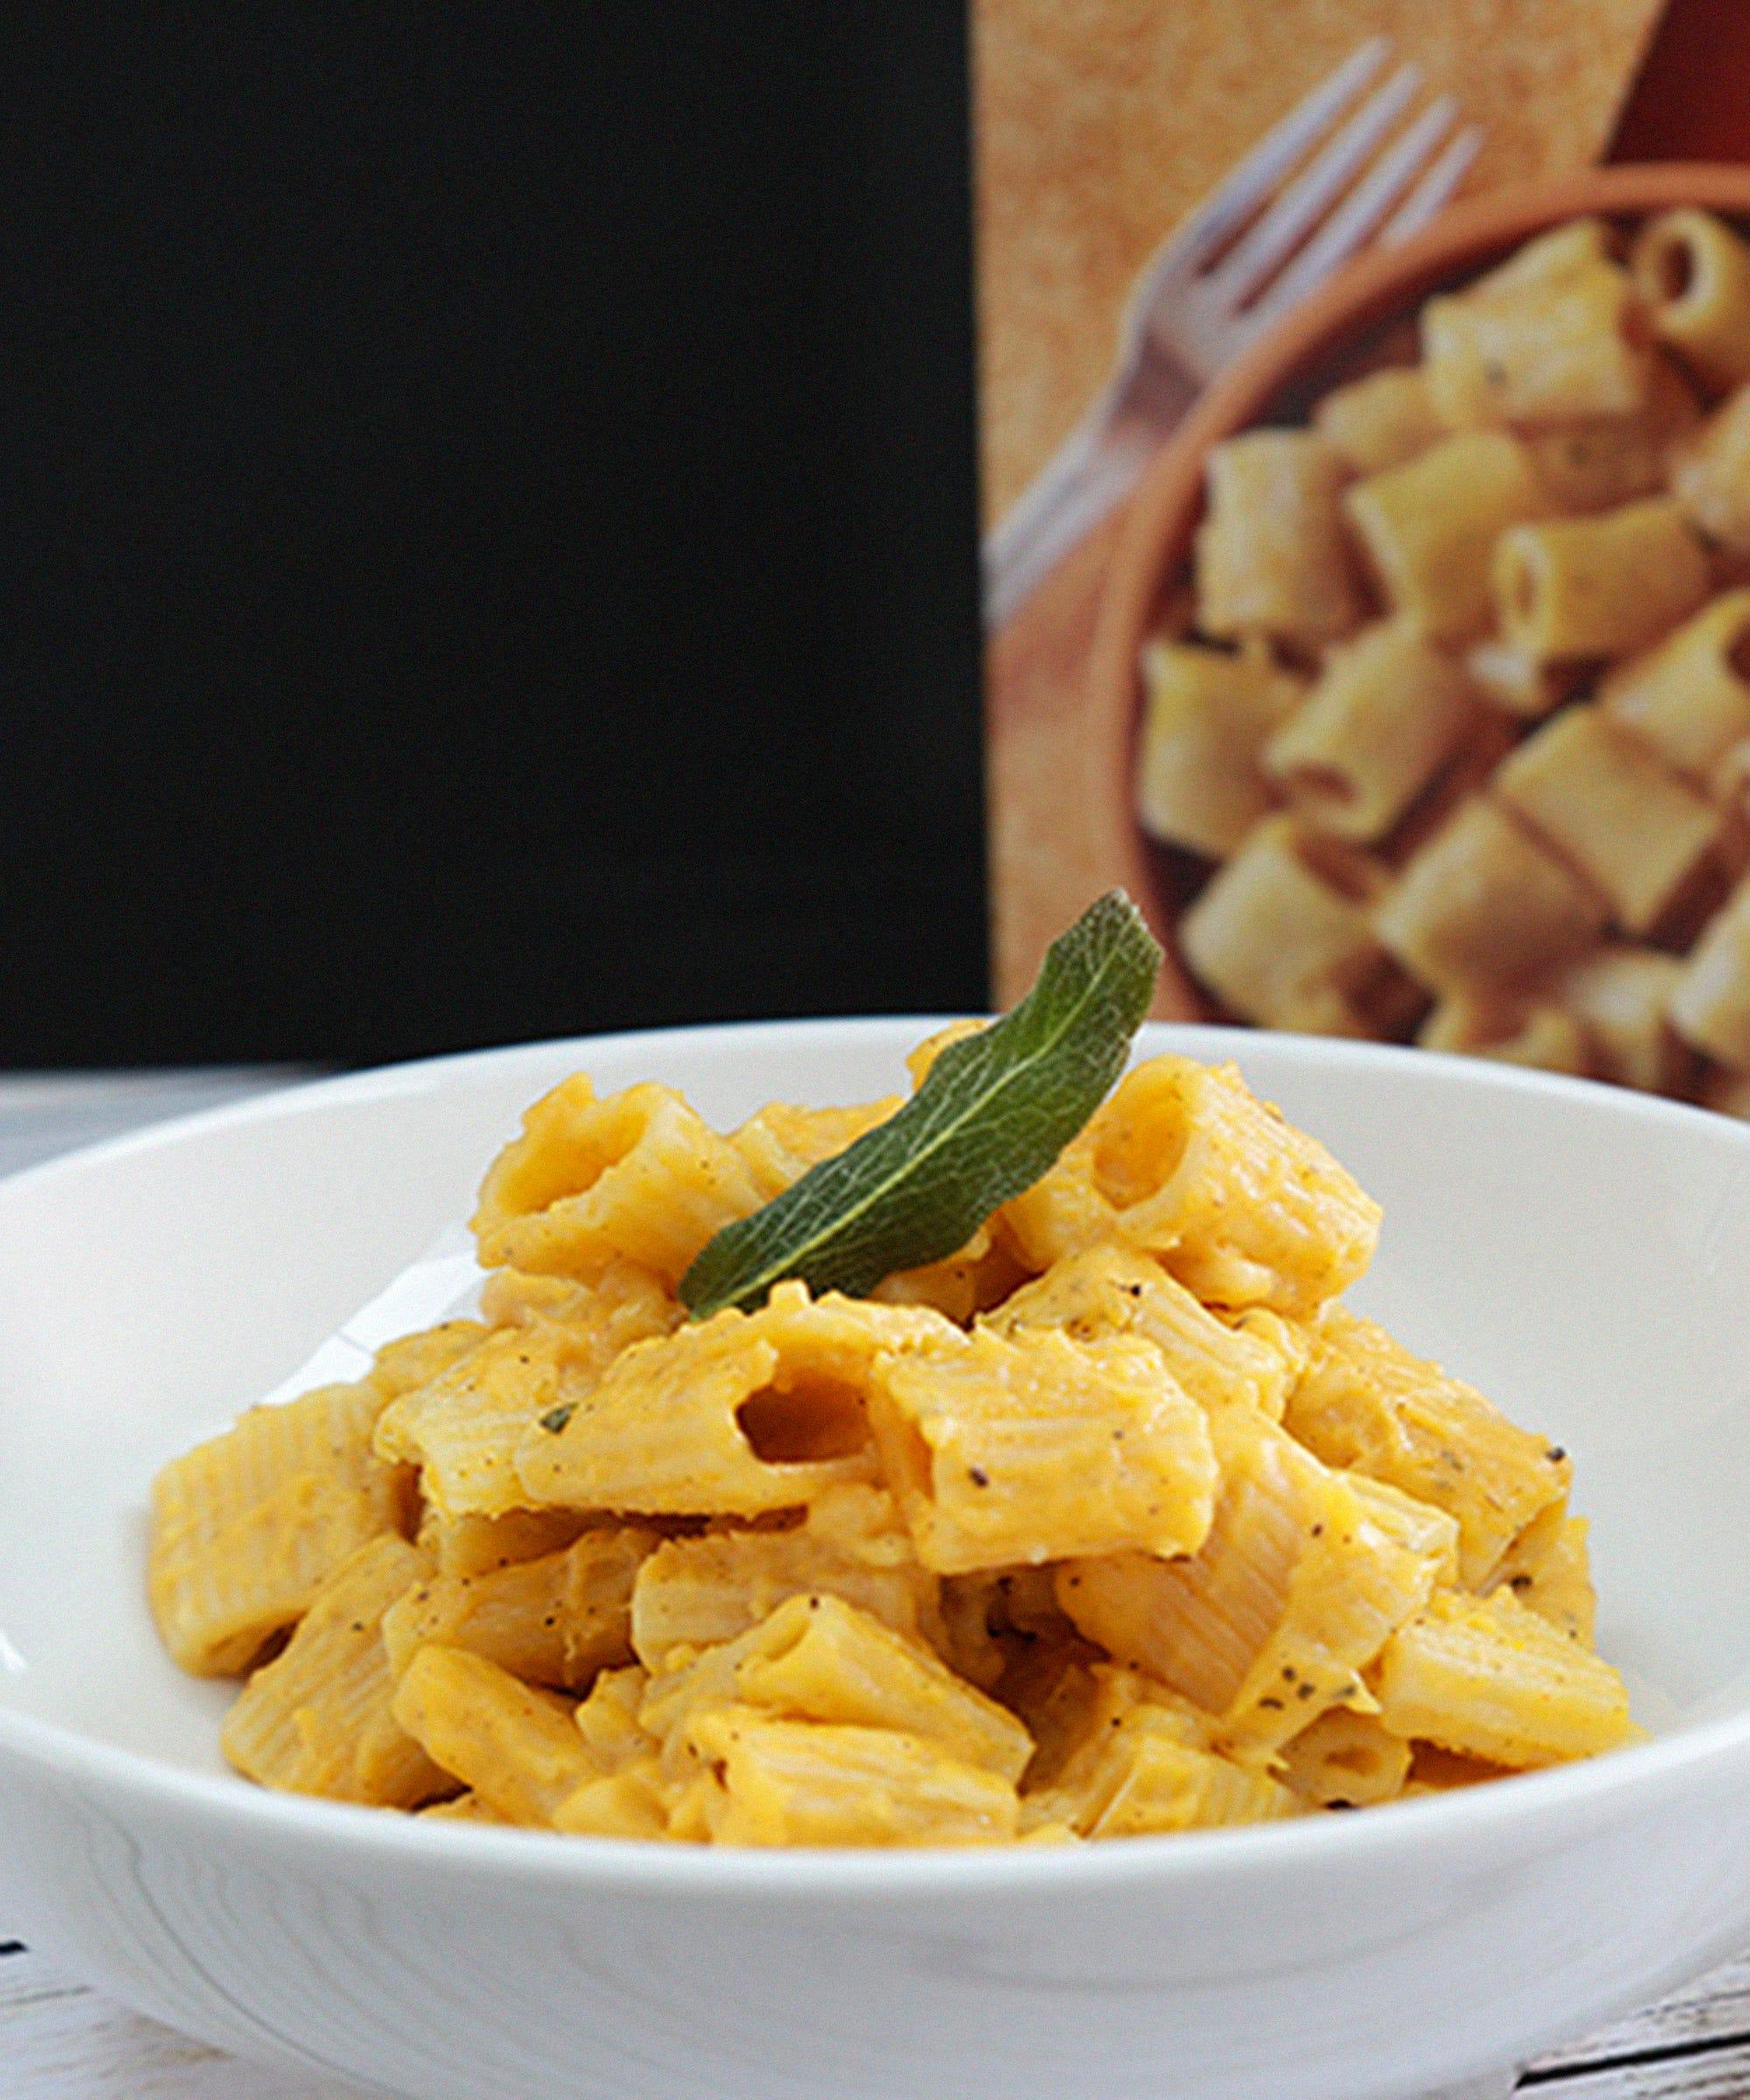 Logiciel ikea pour mac cuisine ikea ringhult gris roubaix for Ikea cuisine logiciel